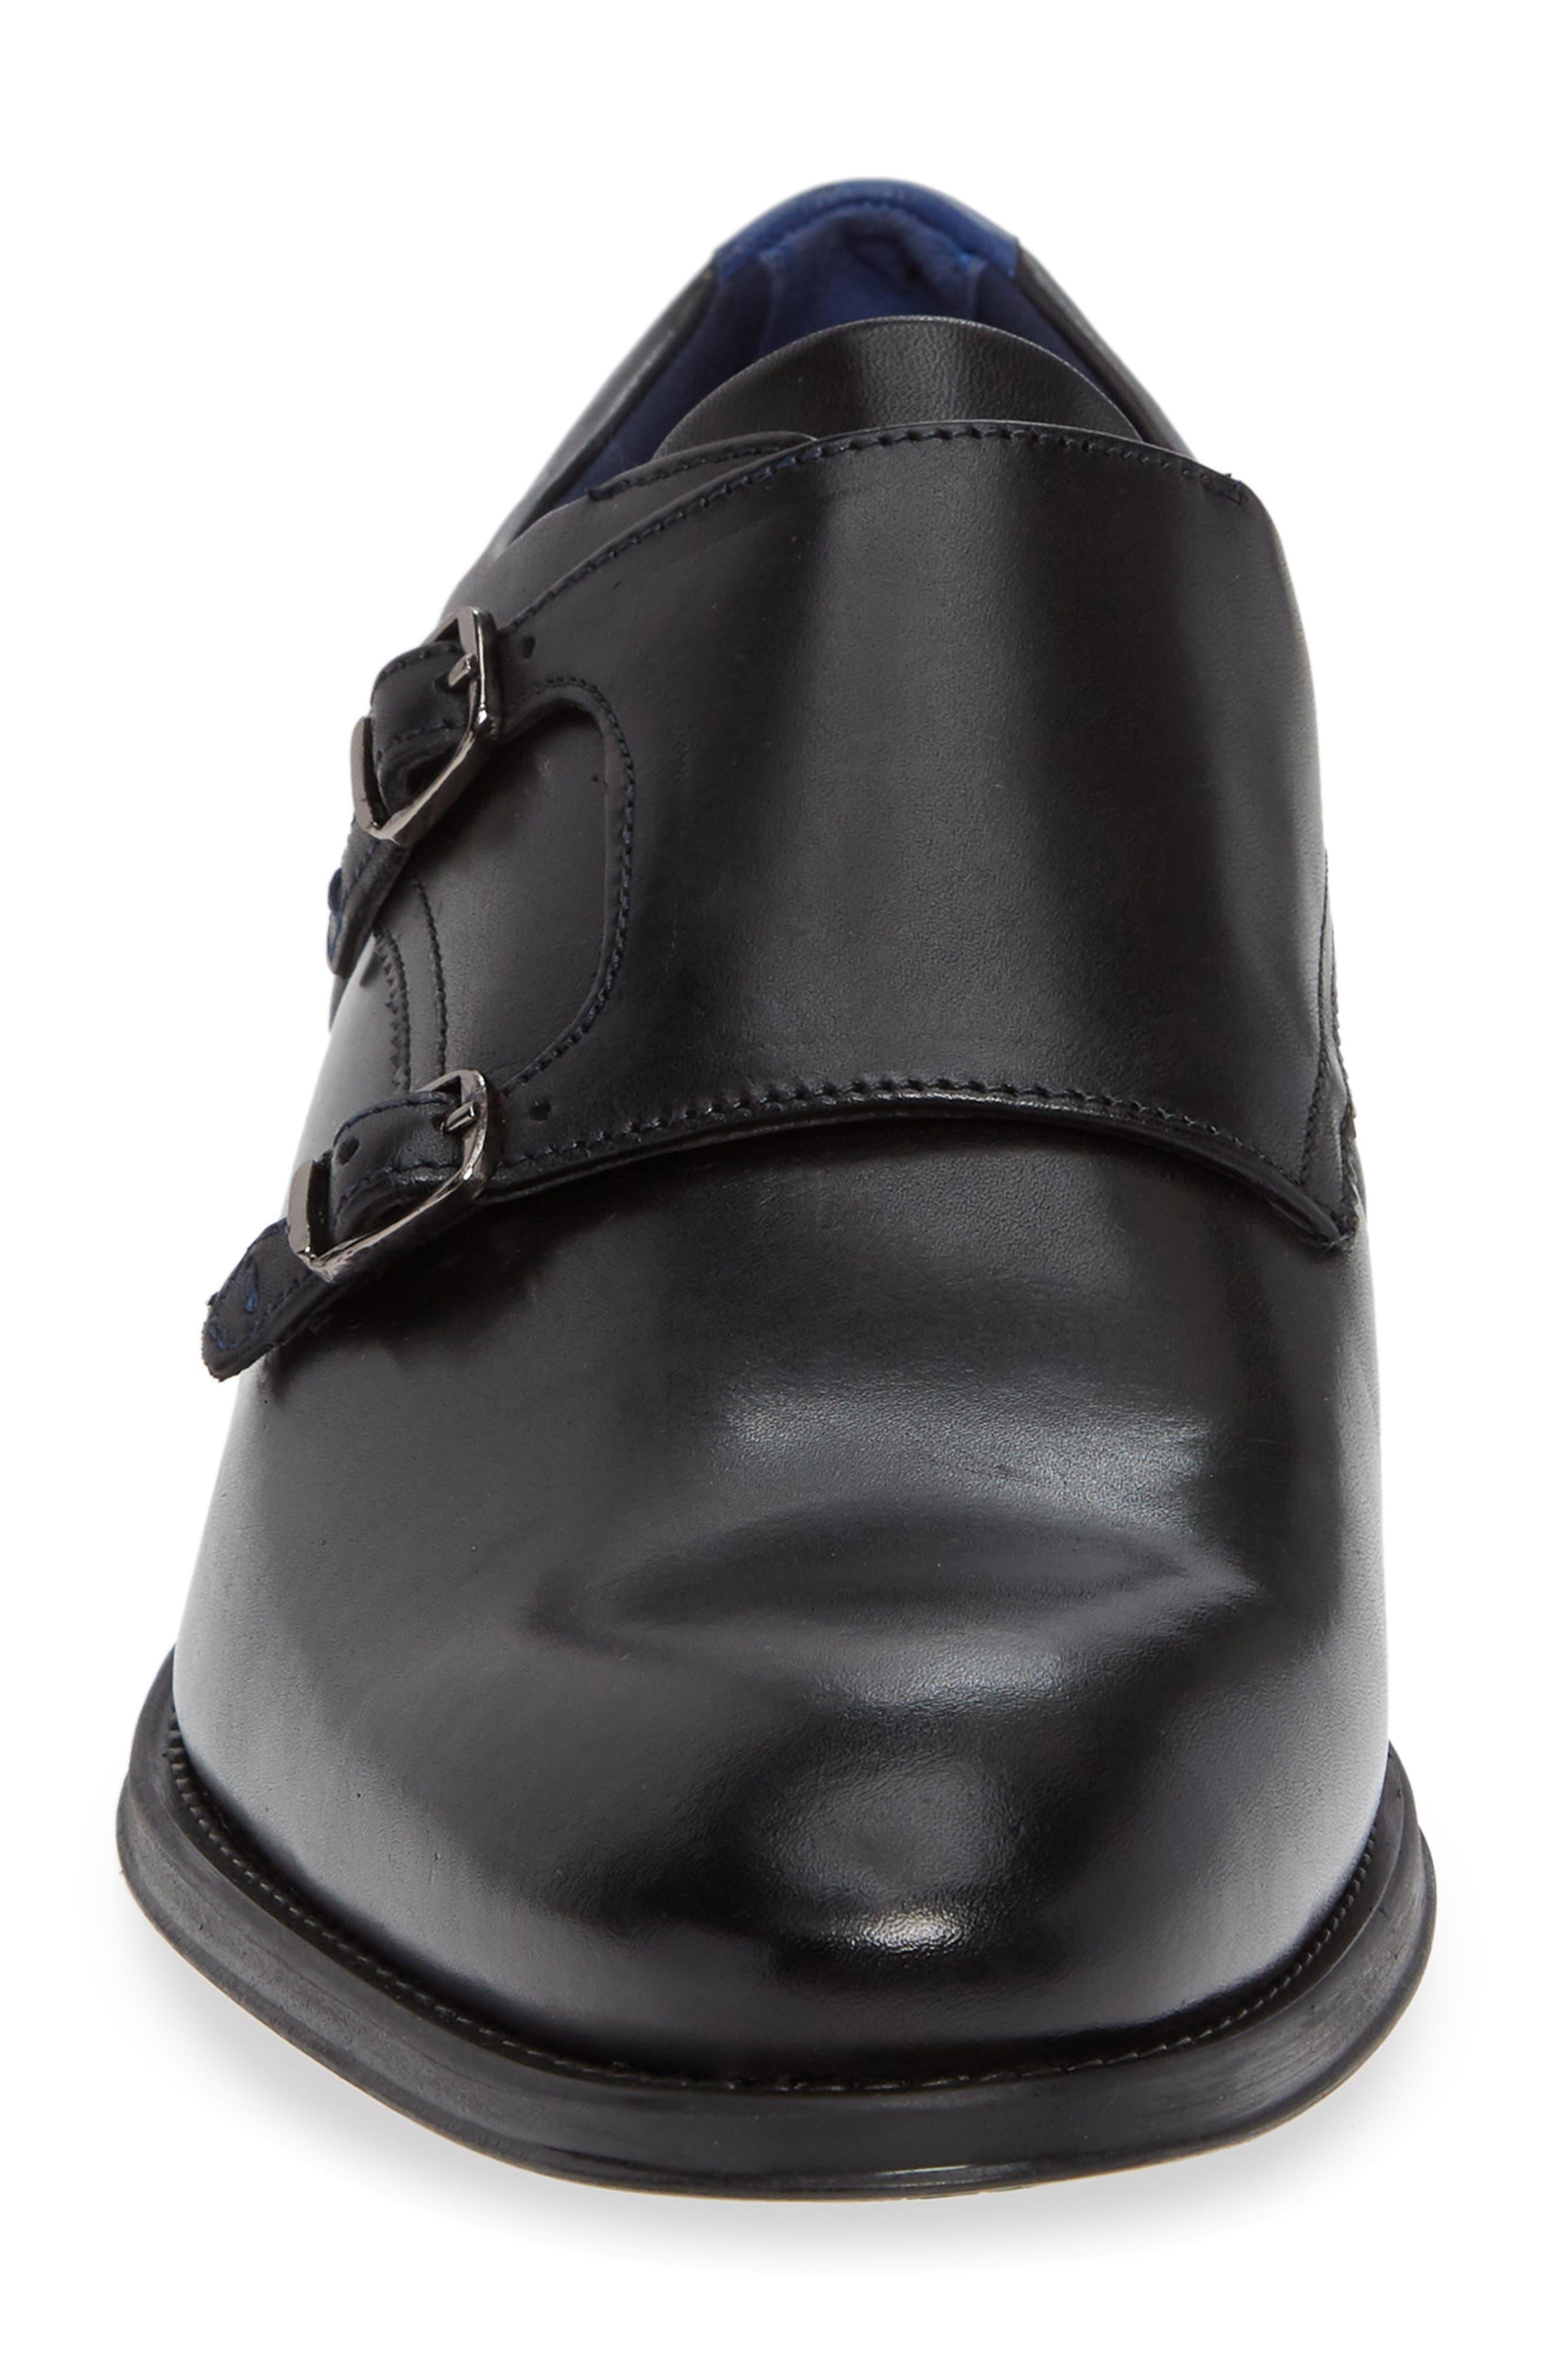 Cathon Double Buckle Monk Shoe,                             Alternate thumbnail 4, color,                             BLACK LEATHER